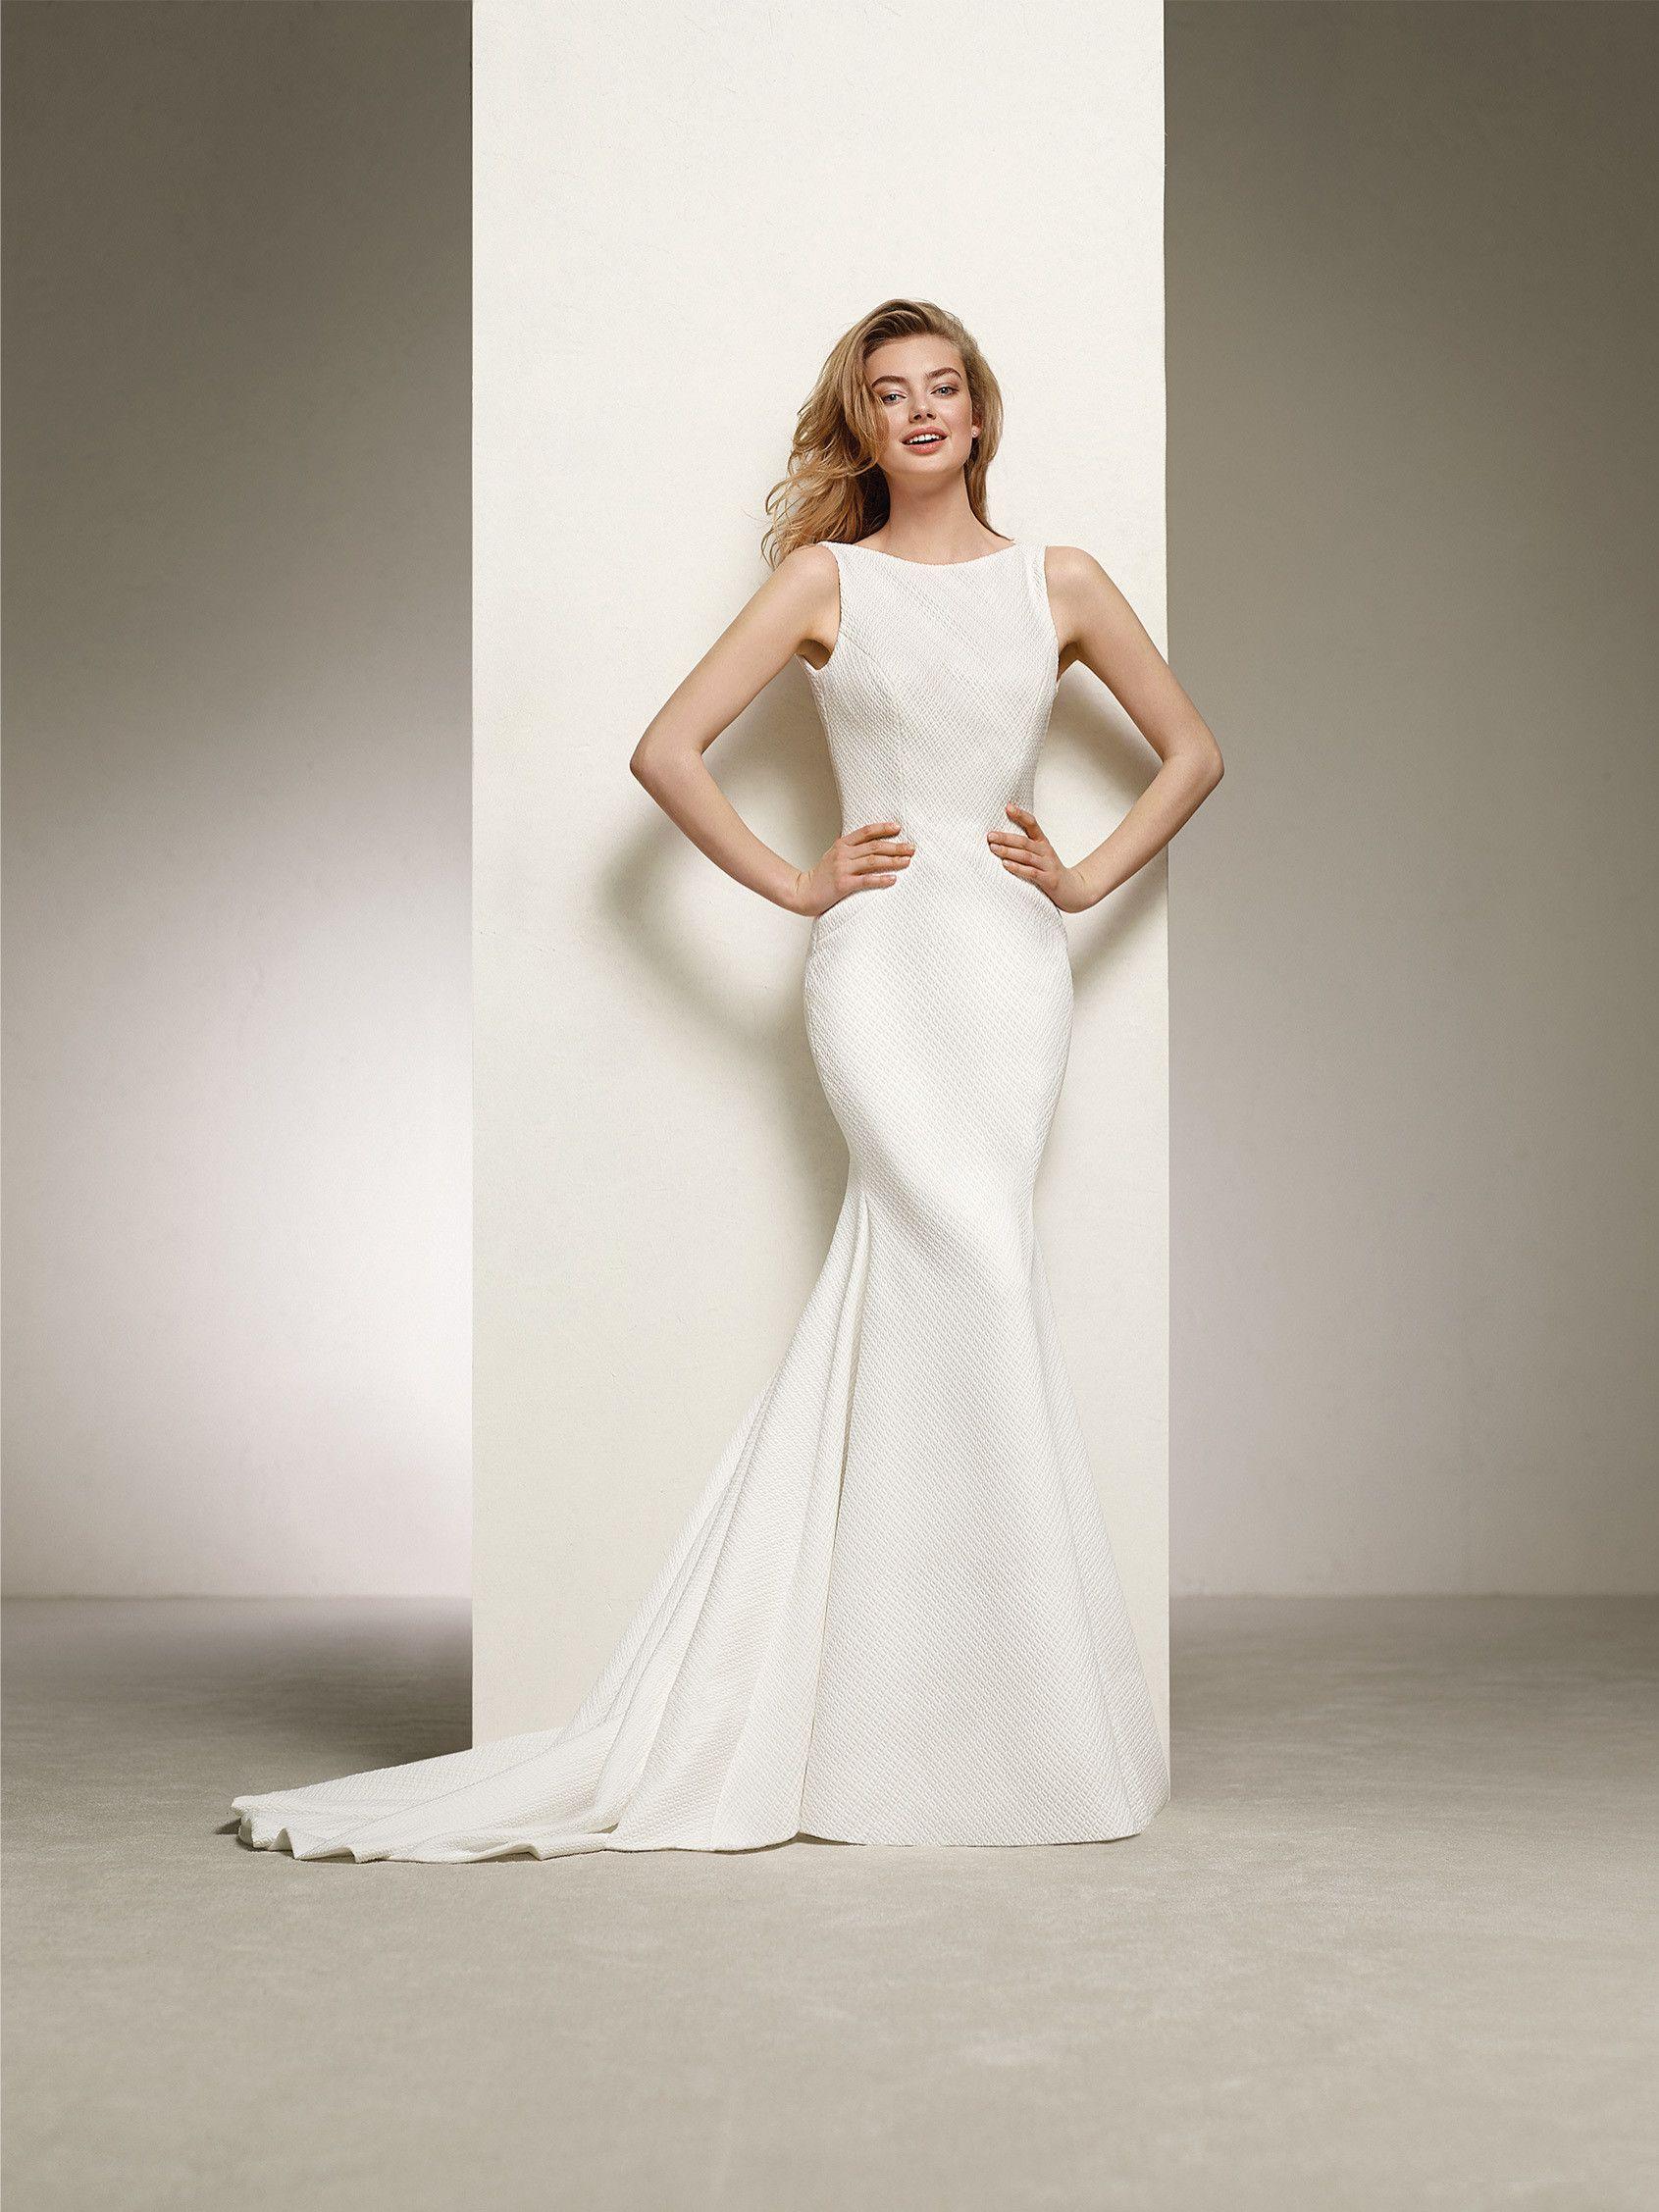 Brautkleid im klassischen Meerjungfrau-Stil | Hochzeitskleider ...